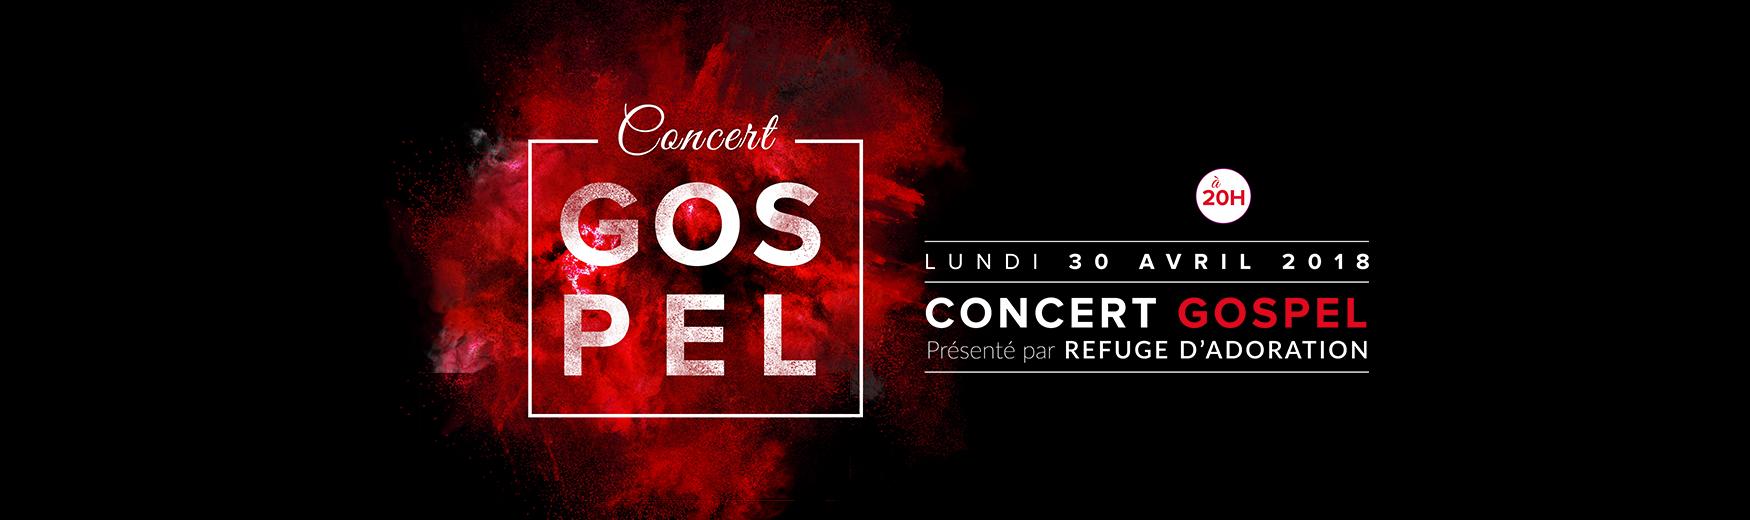 Concert Gospel Lorient